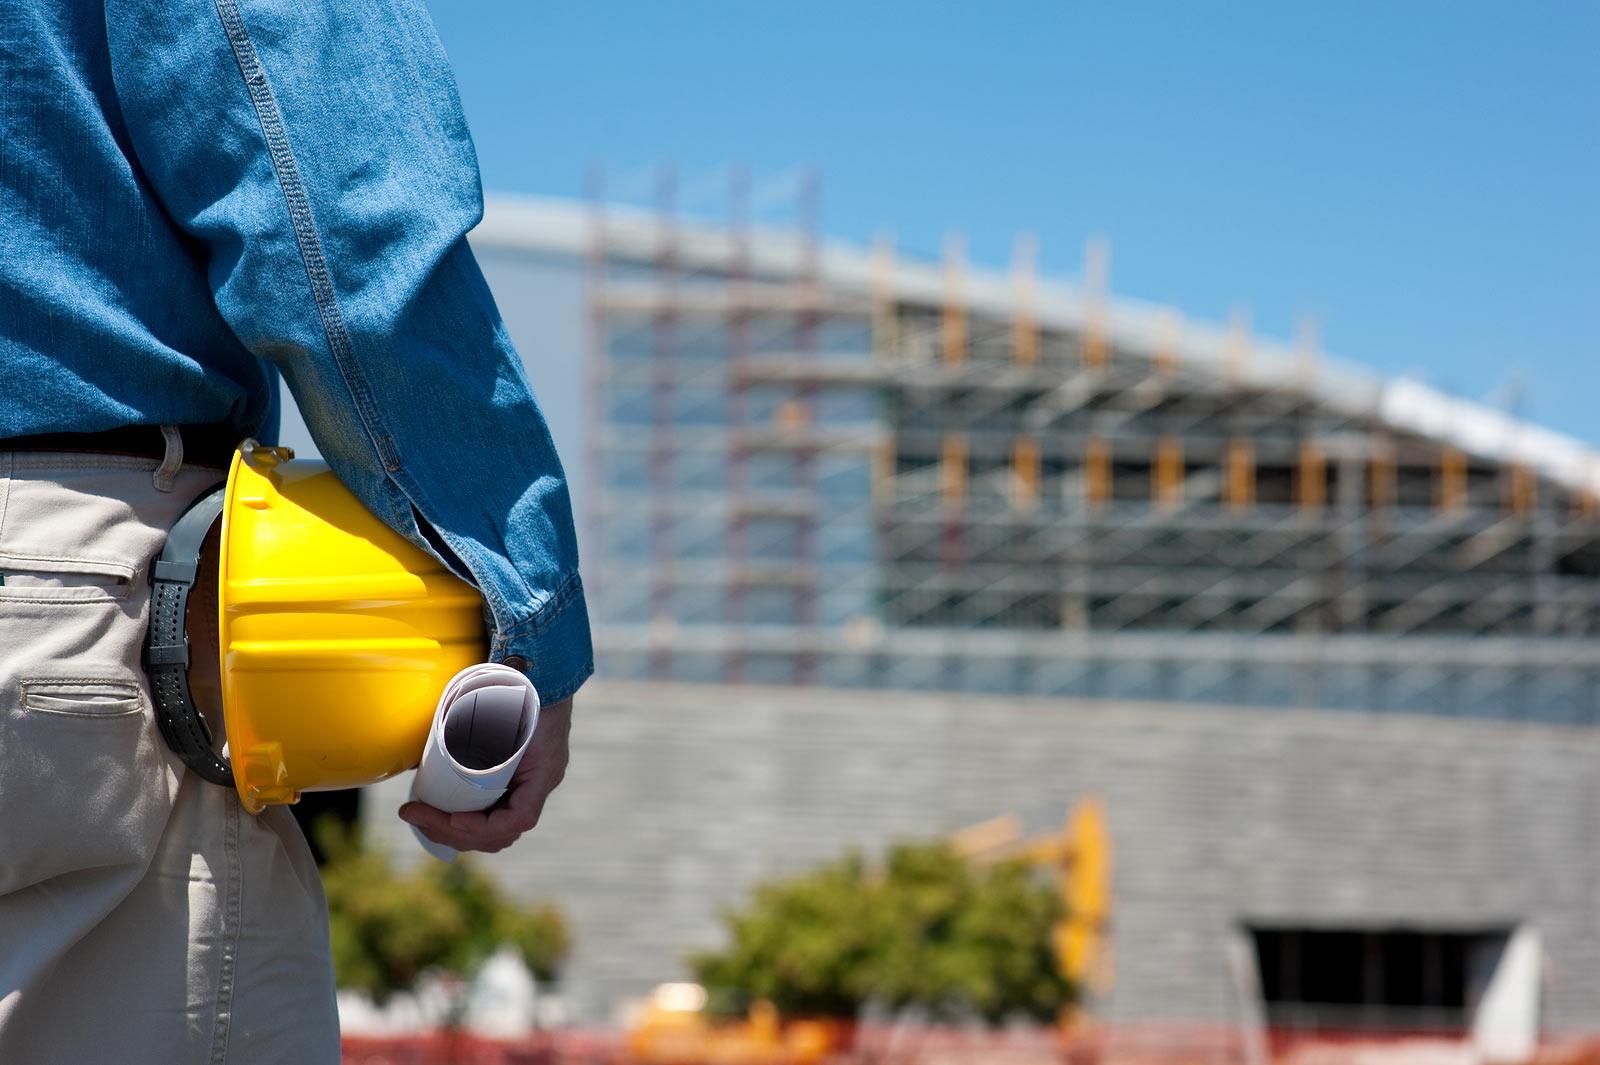 Качество сцепления бетона с арматурой